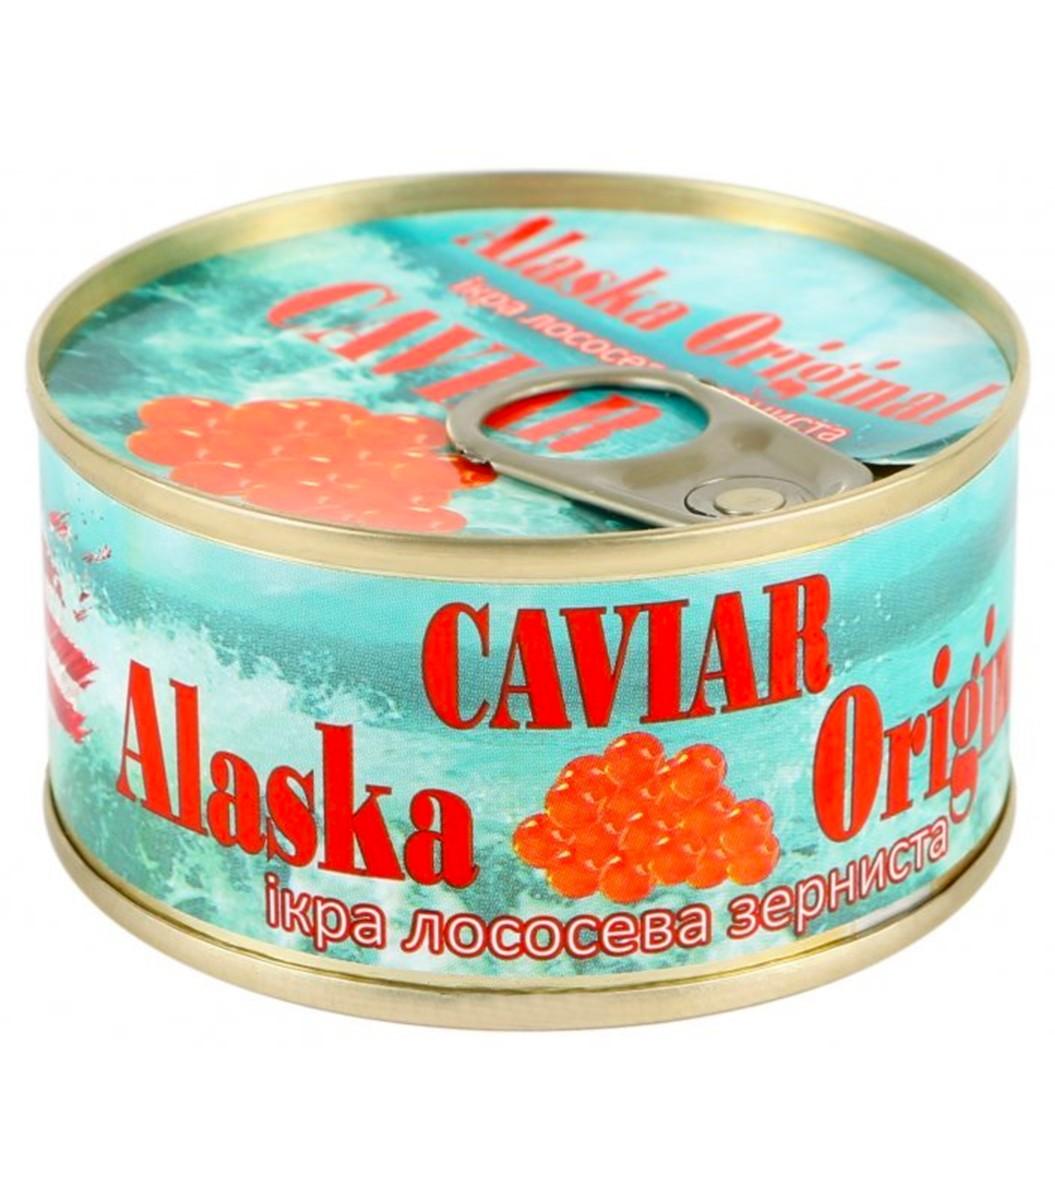 Икра лососевая Alaska Original фото